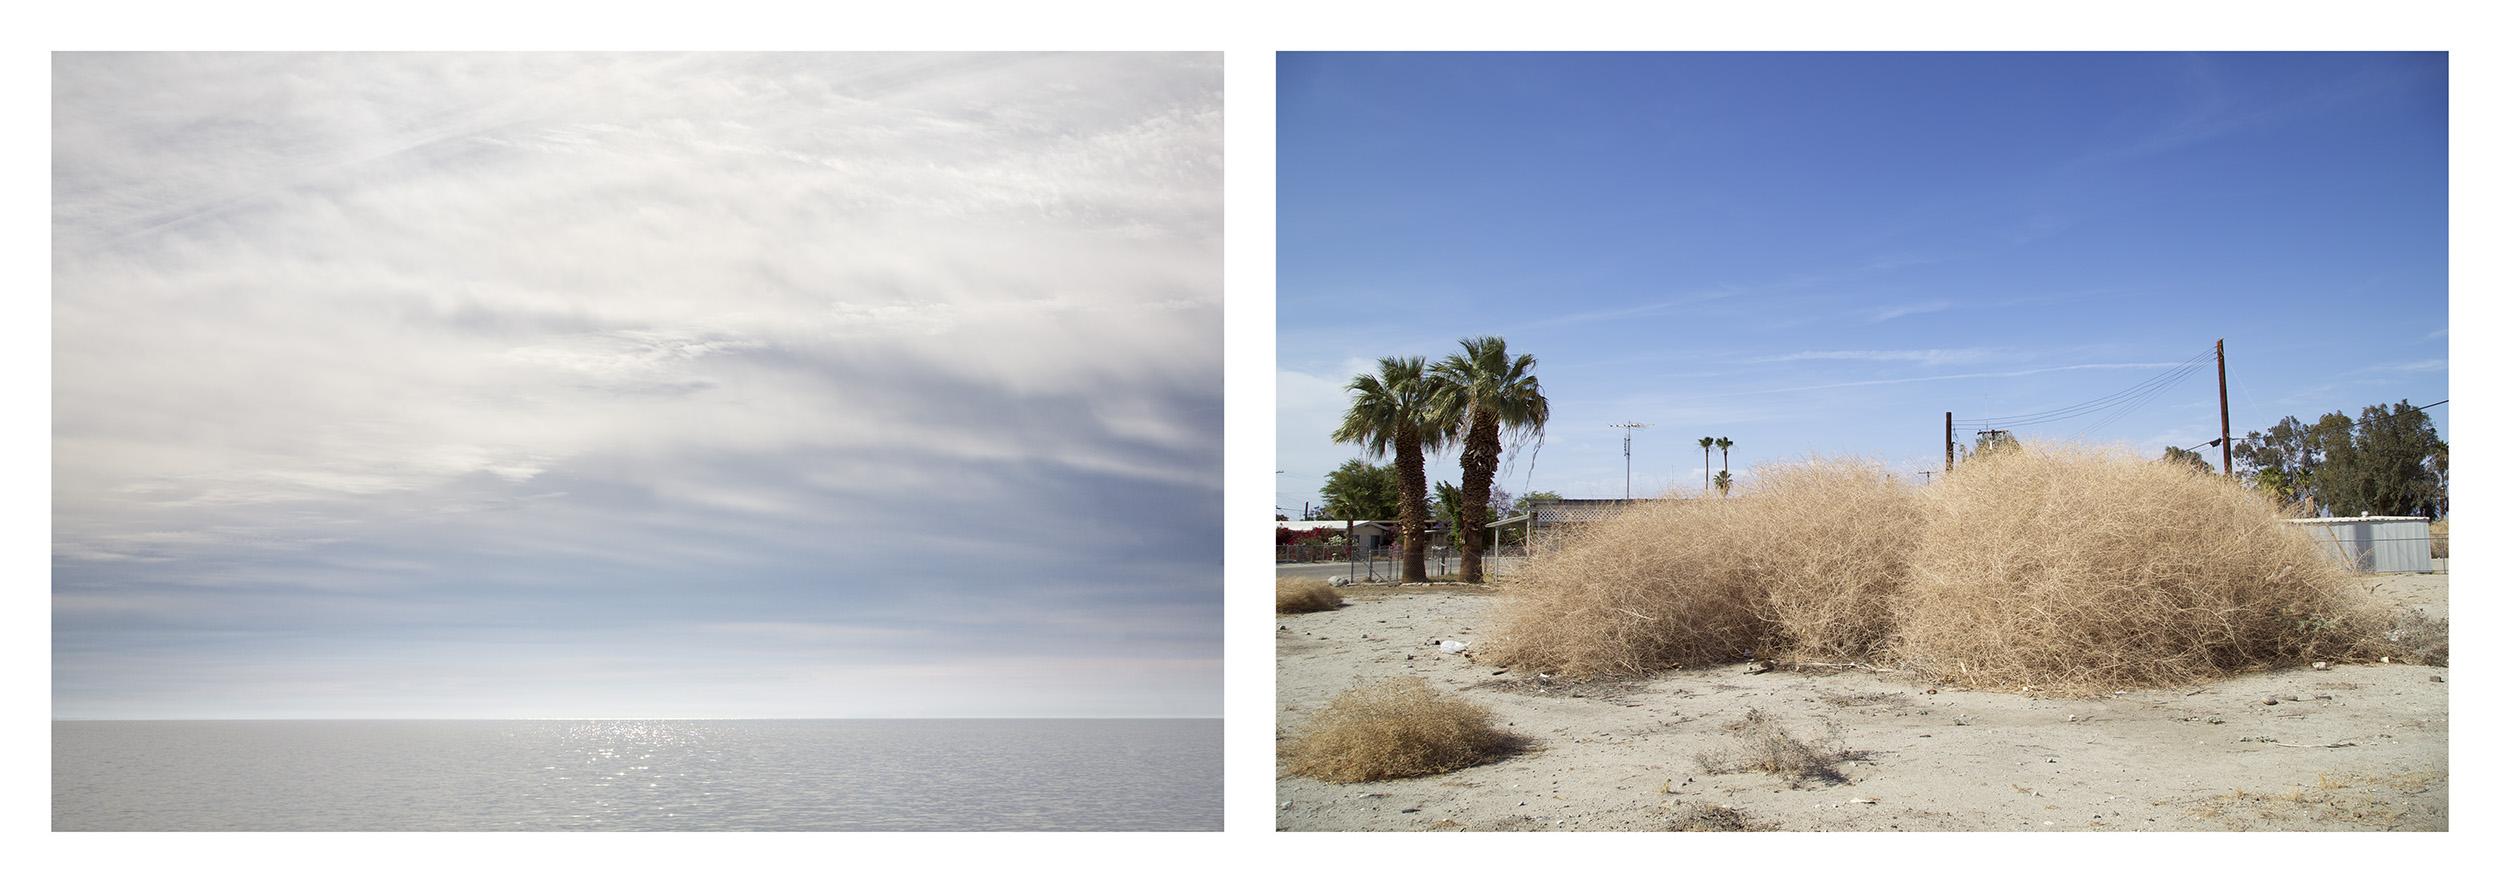 Salton Sea No. 4 , California,2014